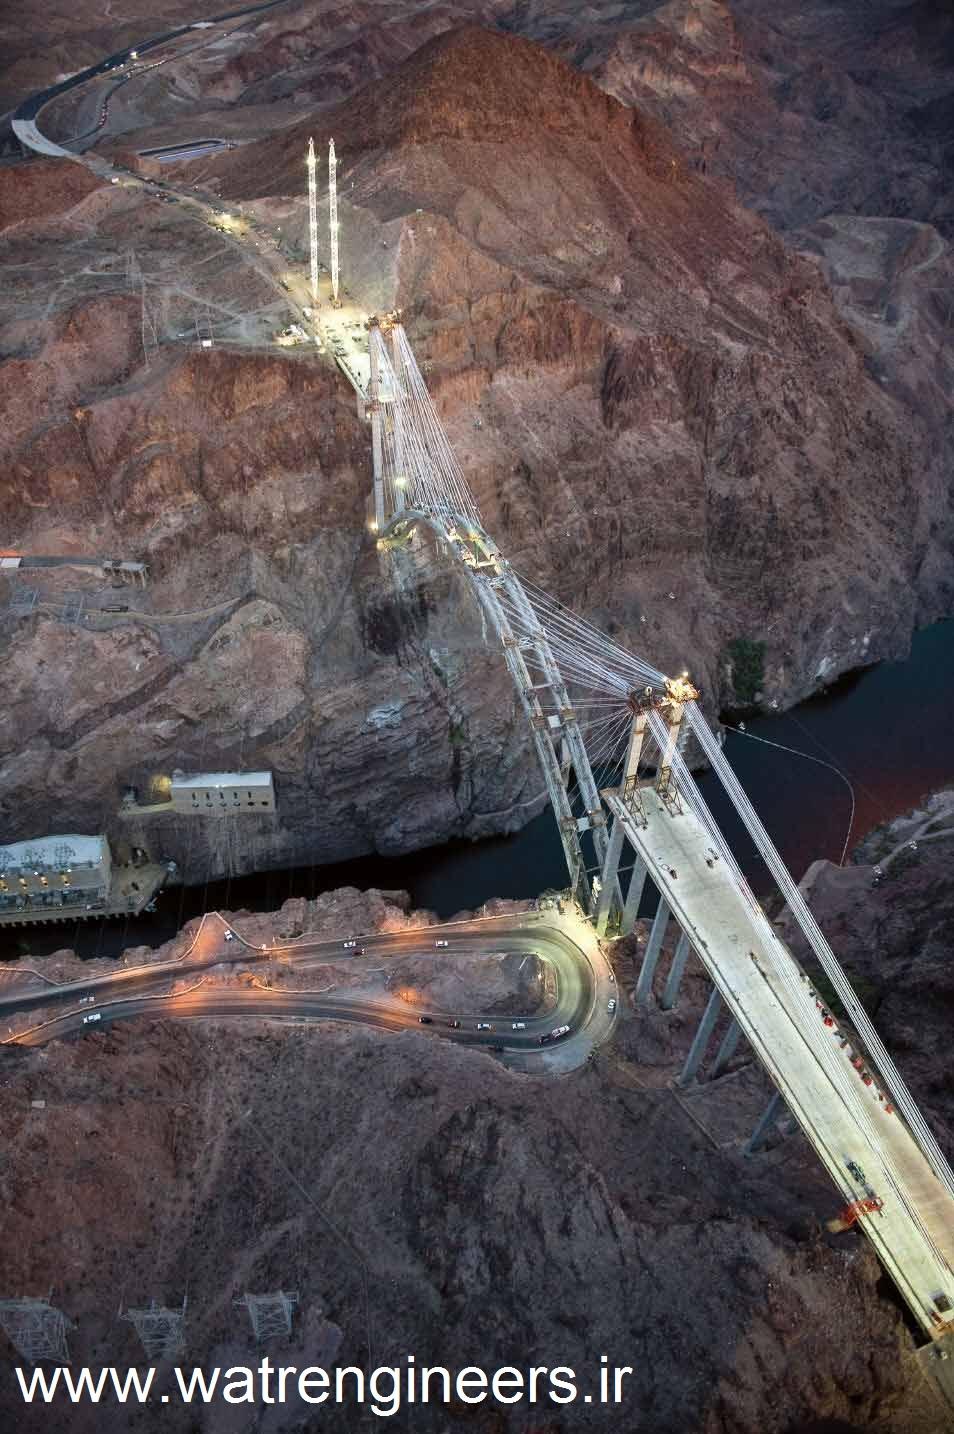 دانلود مستند ساخت پل هوور Hoover Dam Bridge